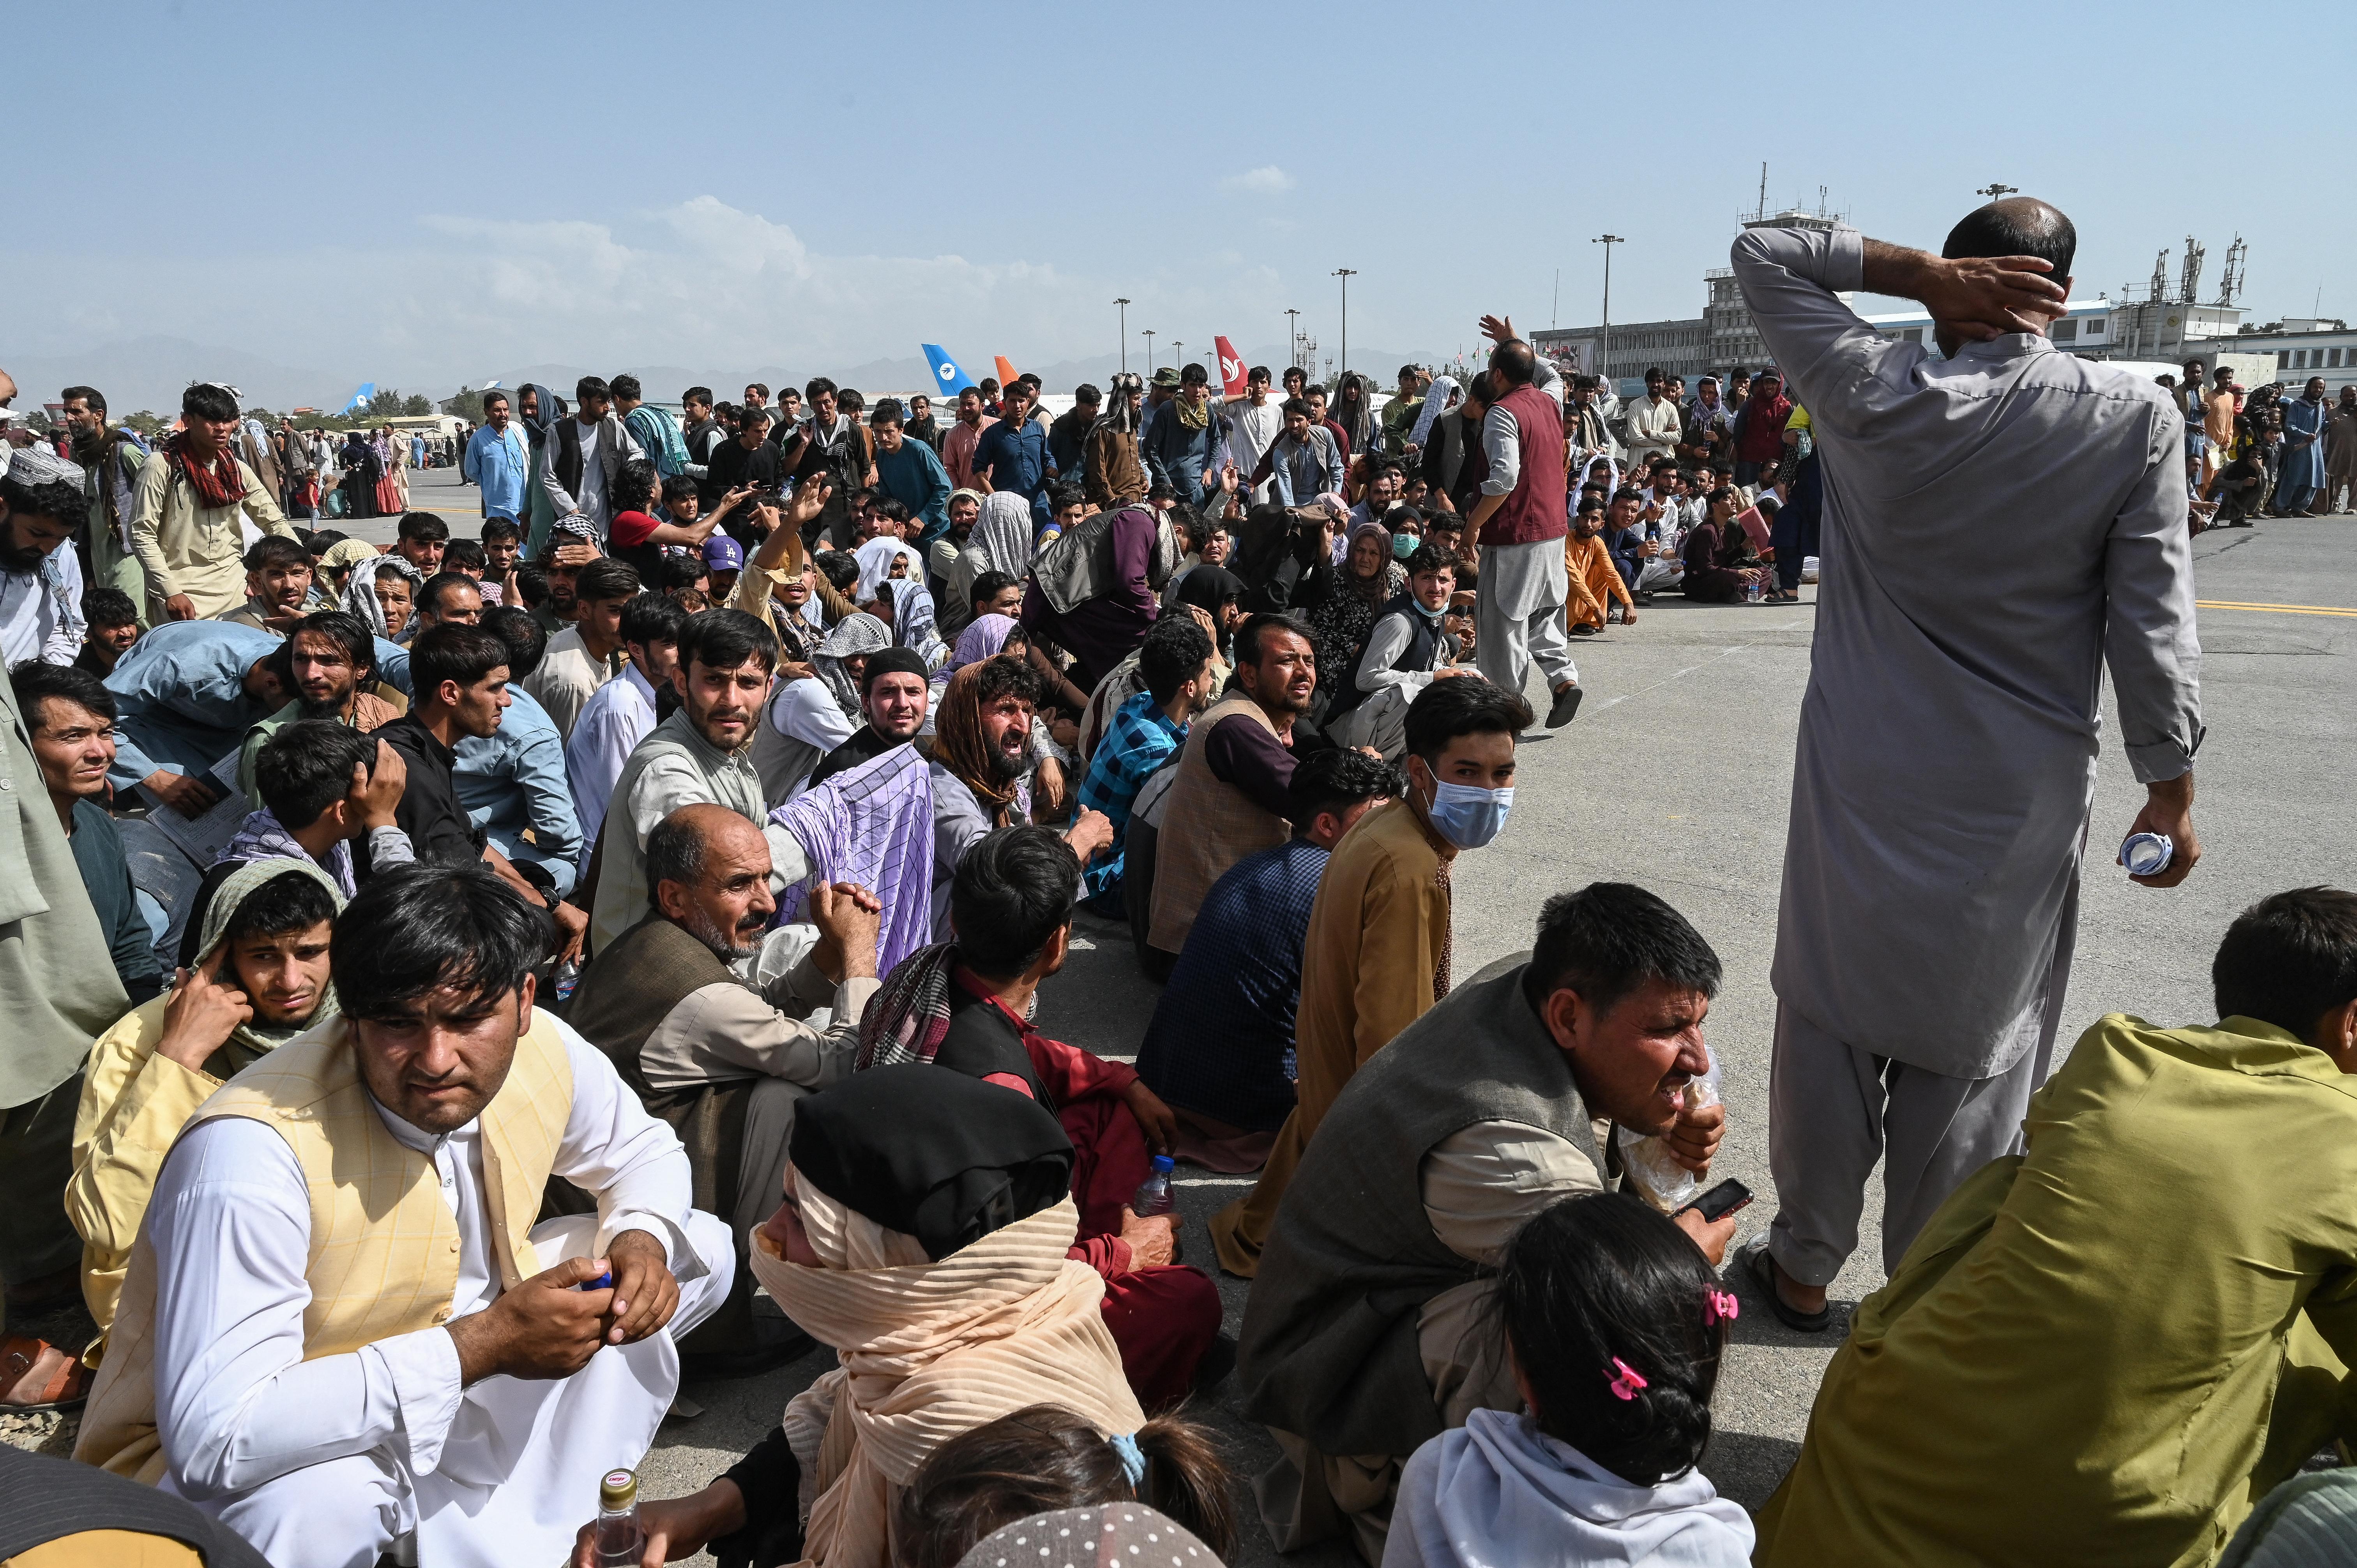 A tálibok szabad elvonulást ígérnek a civileknek